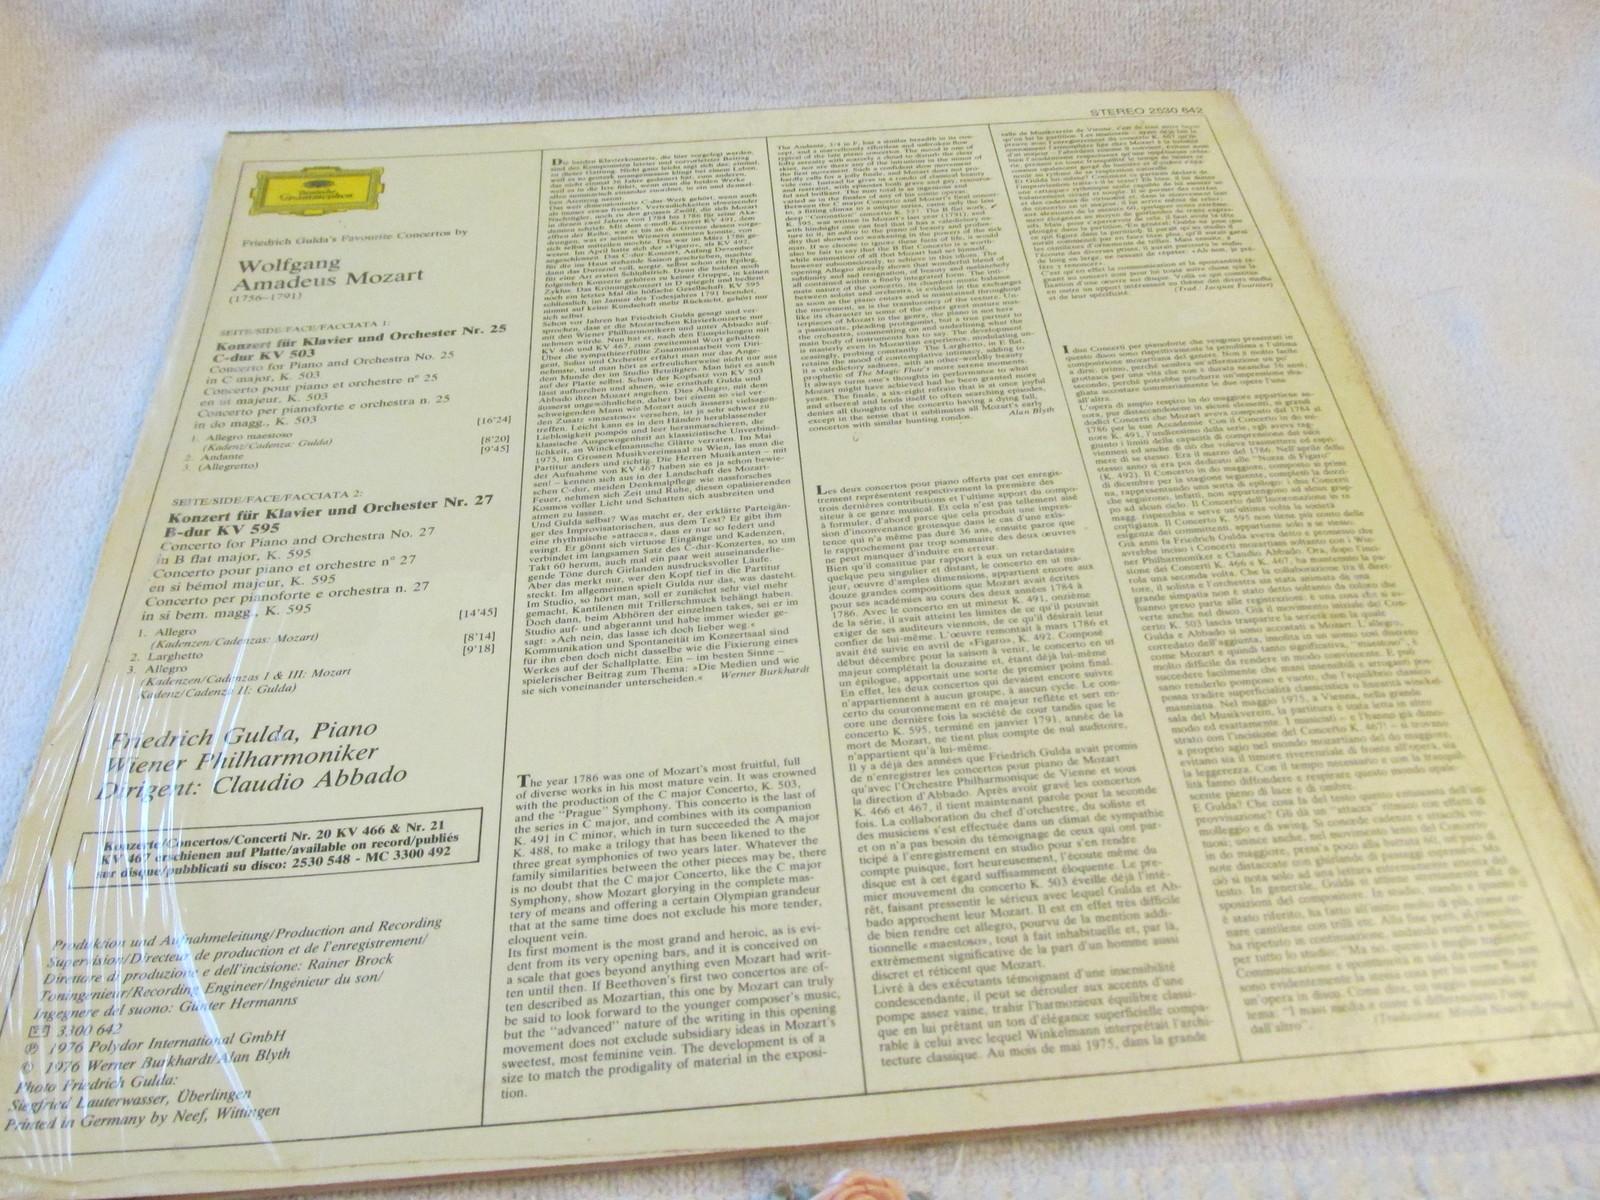 Mozart Klavierkonzerte Piano Concertos Nr. 25&27 Record Album